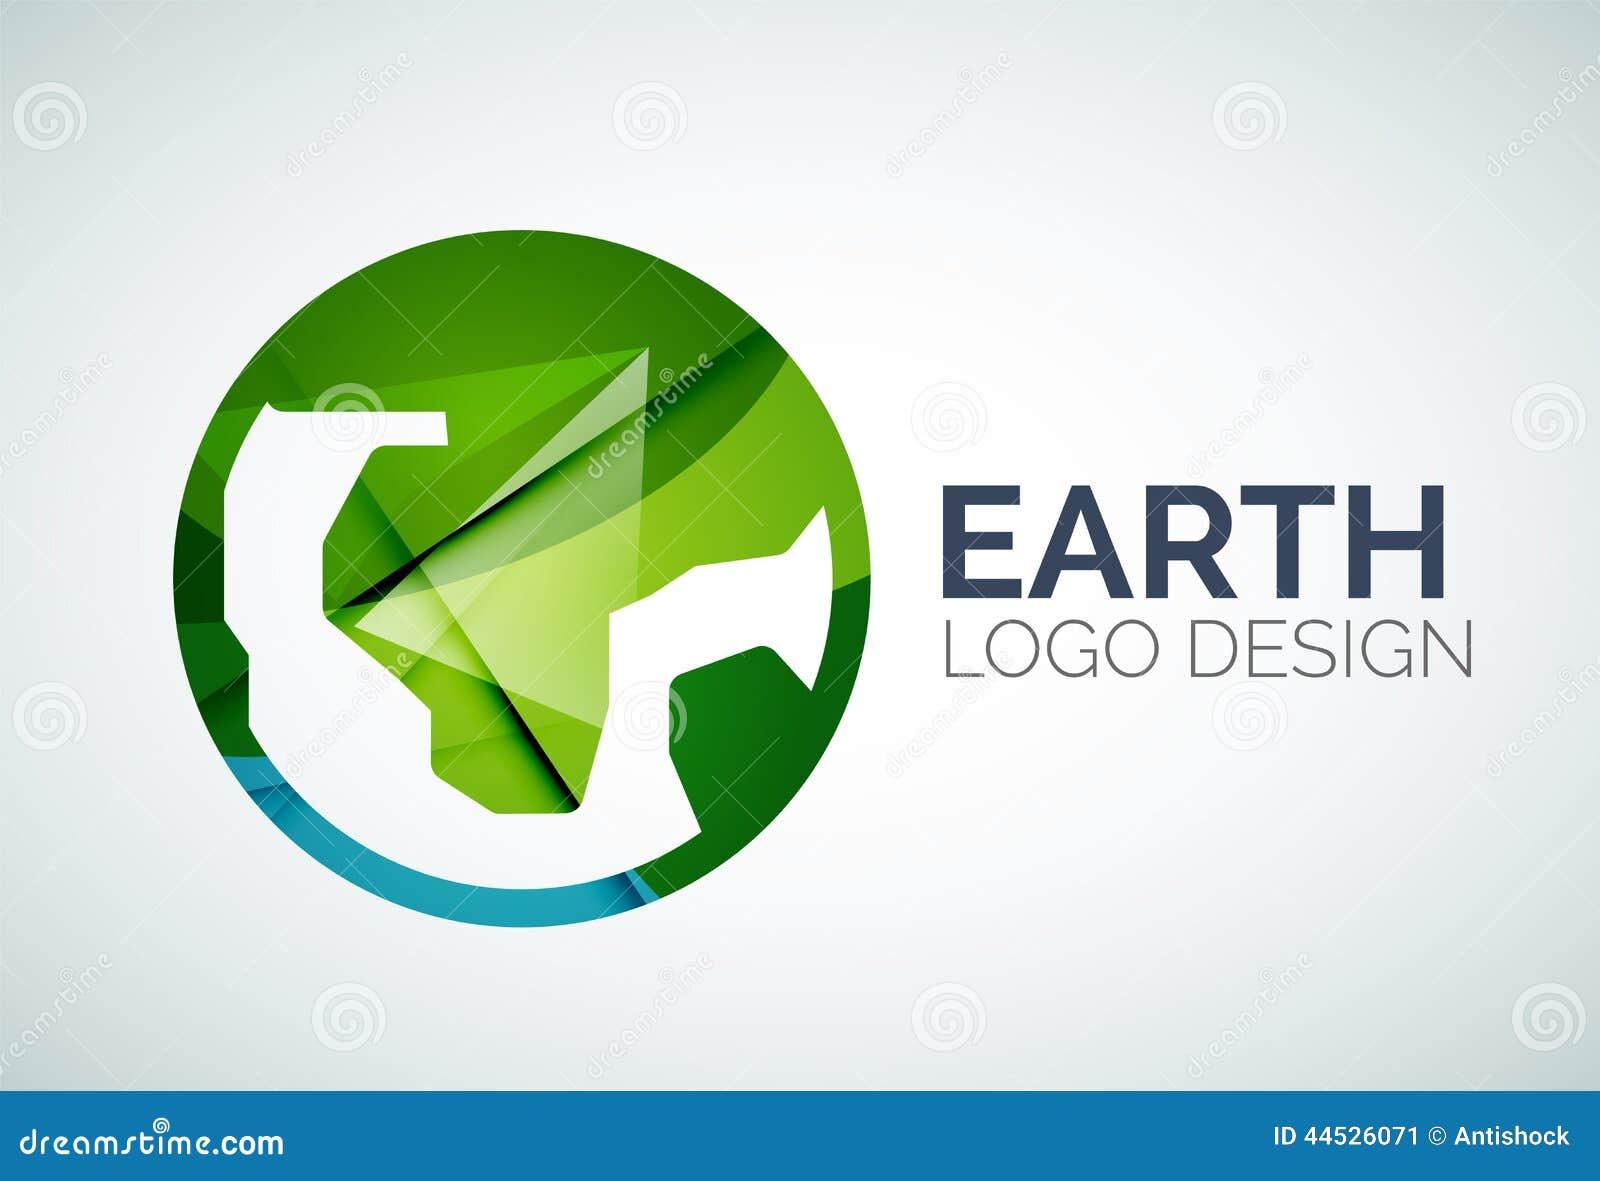 Earth Logo Design Made Of Color Pieces Stock Vector ... Green Earth Logo Vector